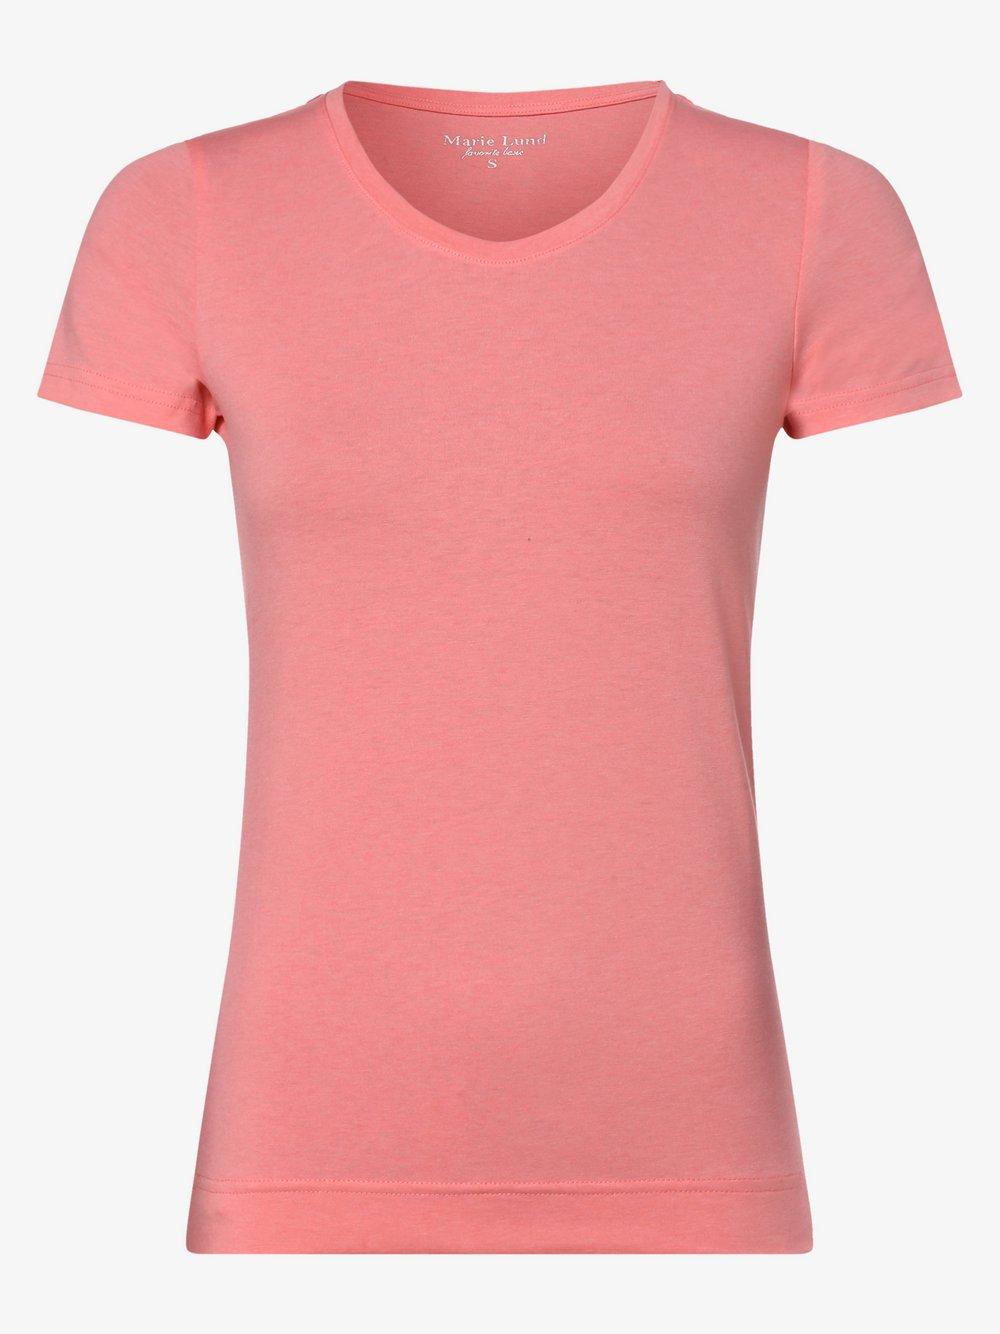 Marie Lund - T-shirt damski, czerwony